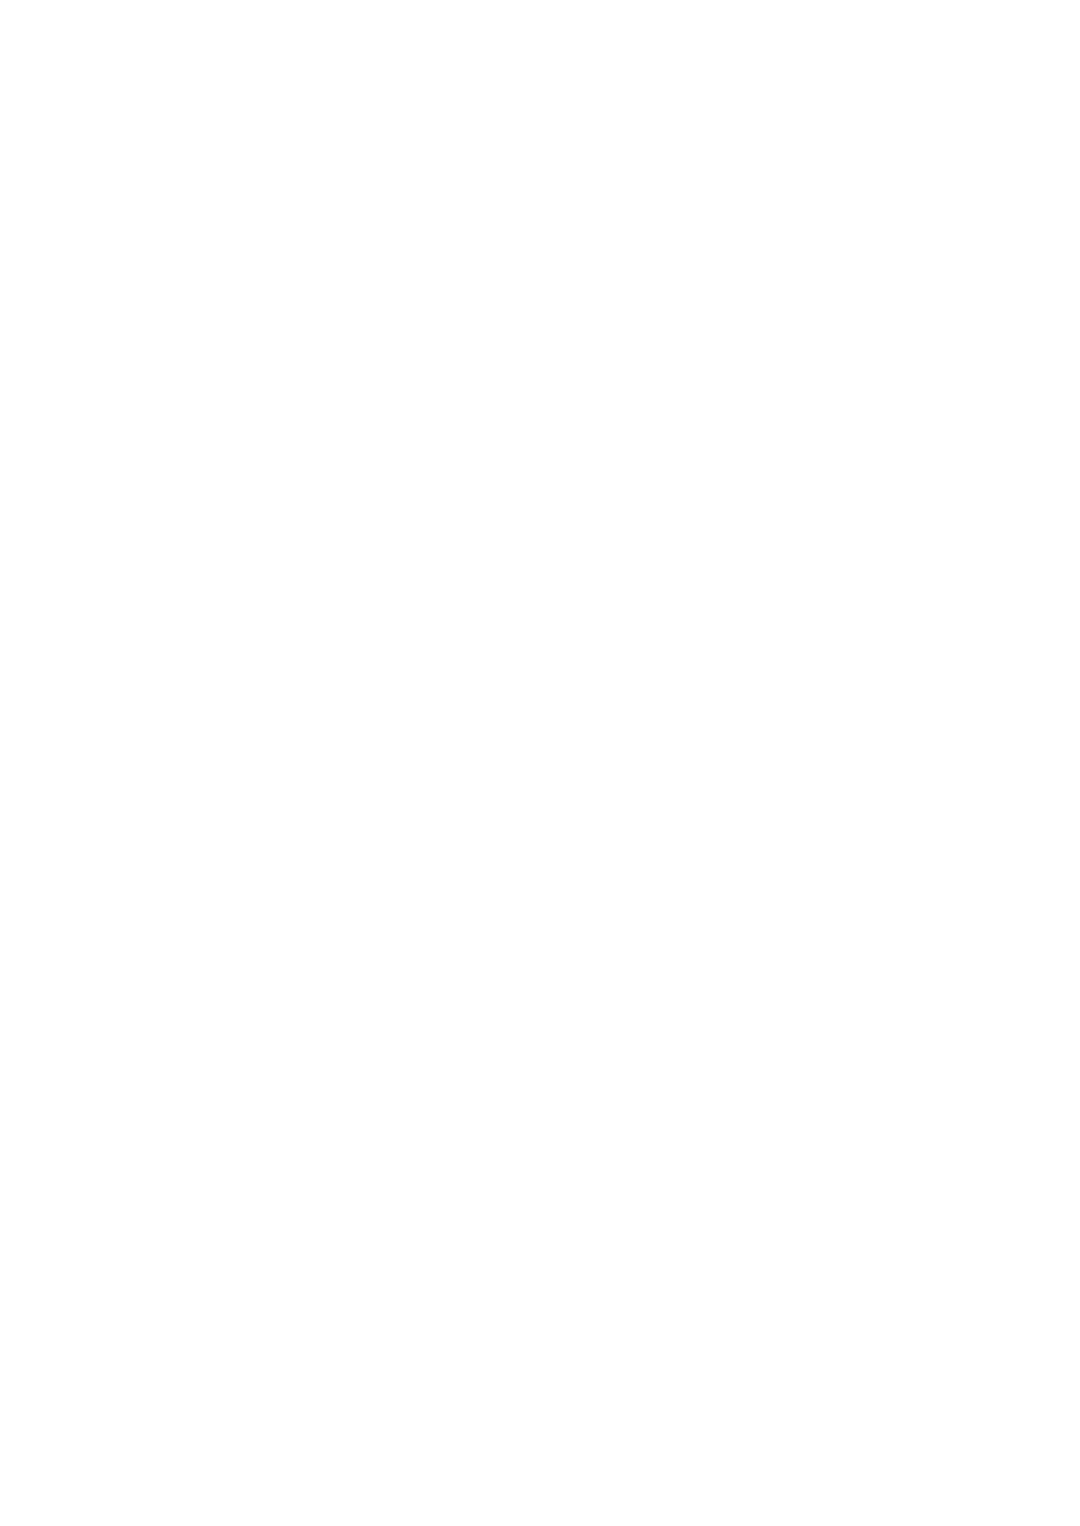 【NTRエロ漫画】指揮官や男があらゆるシチュエーションでアルジェリーやダンケルク、トレント達とヤりまくる。見知らぬ男に車に誘い込まれたアルジェリーはバックでハメられて指揮官より大きいチンポにヨガりまくる。【3104】